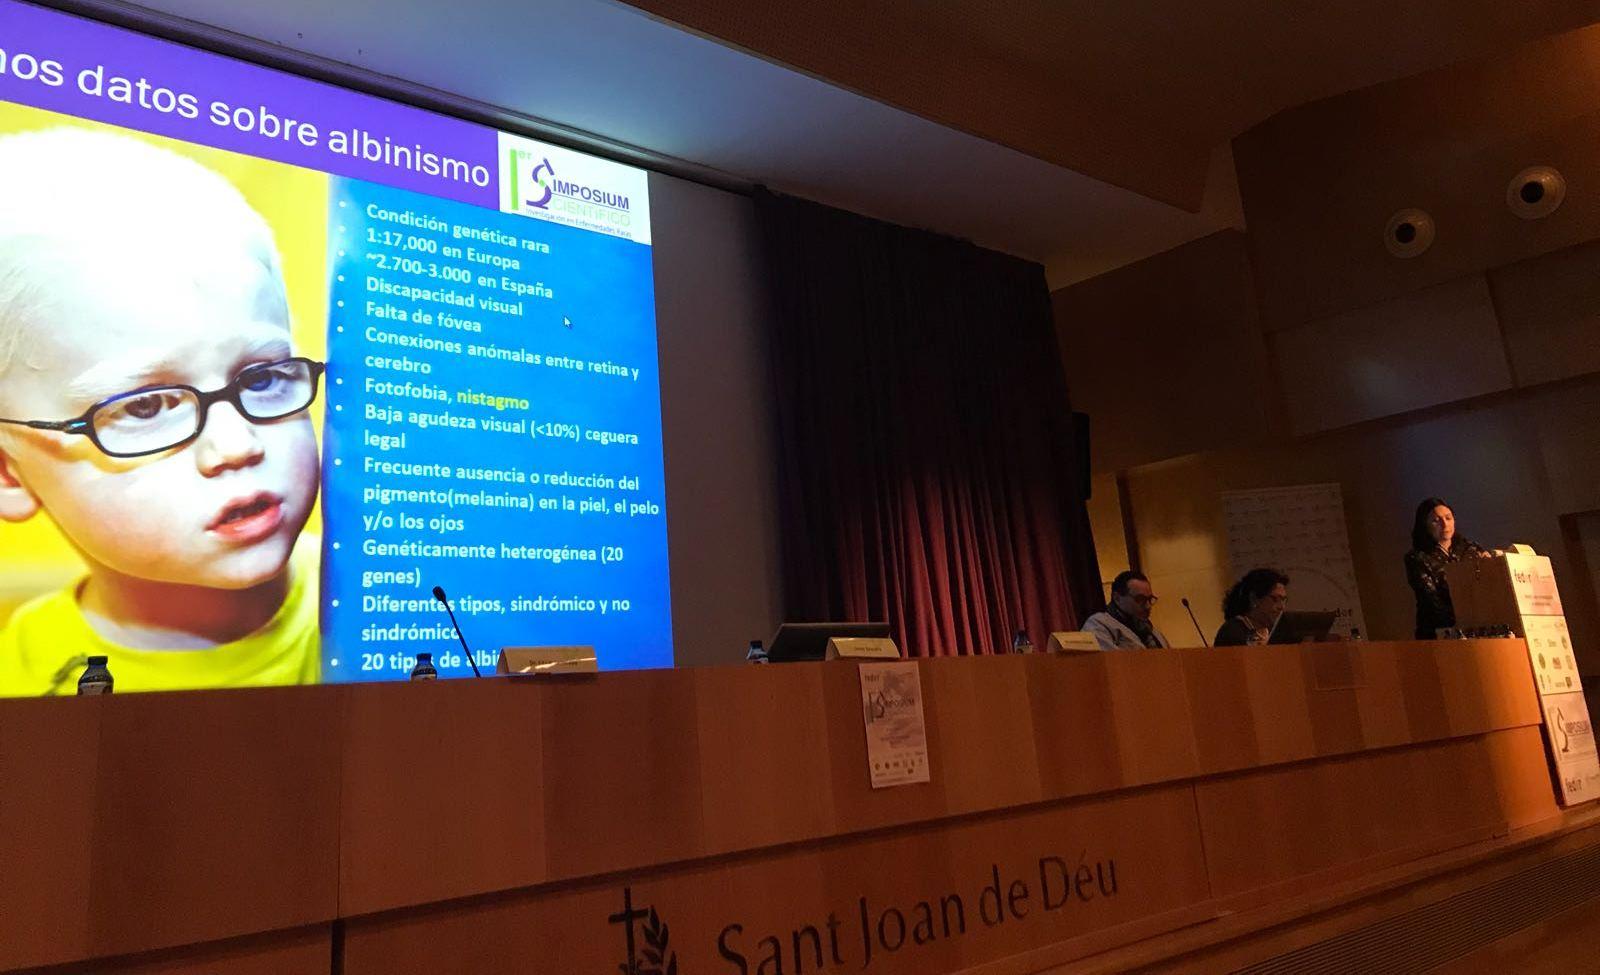 Almudena Fernandez del Laboratorio del Dr.Lluis Montoliy CNB-CSIC presentado proyecto sobre albinismo